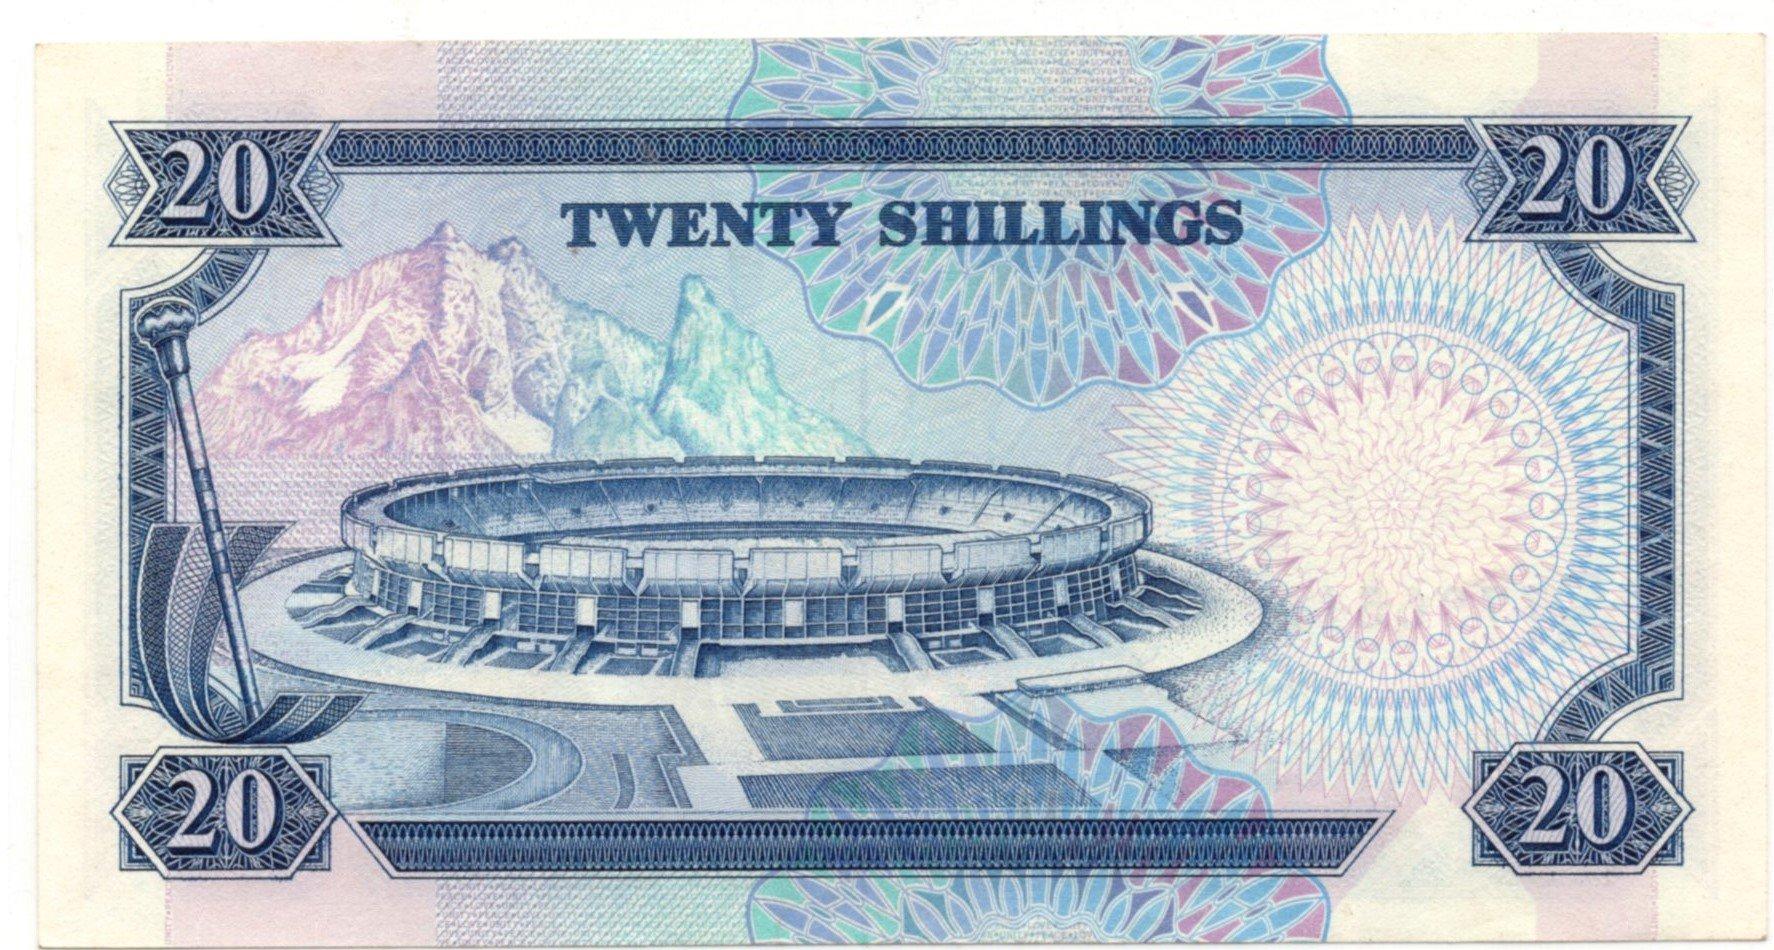 kenya 20 shillings back